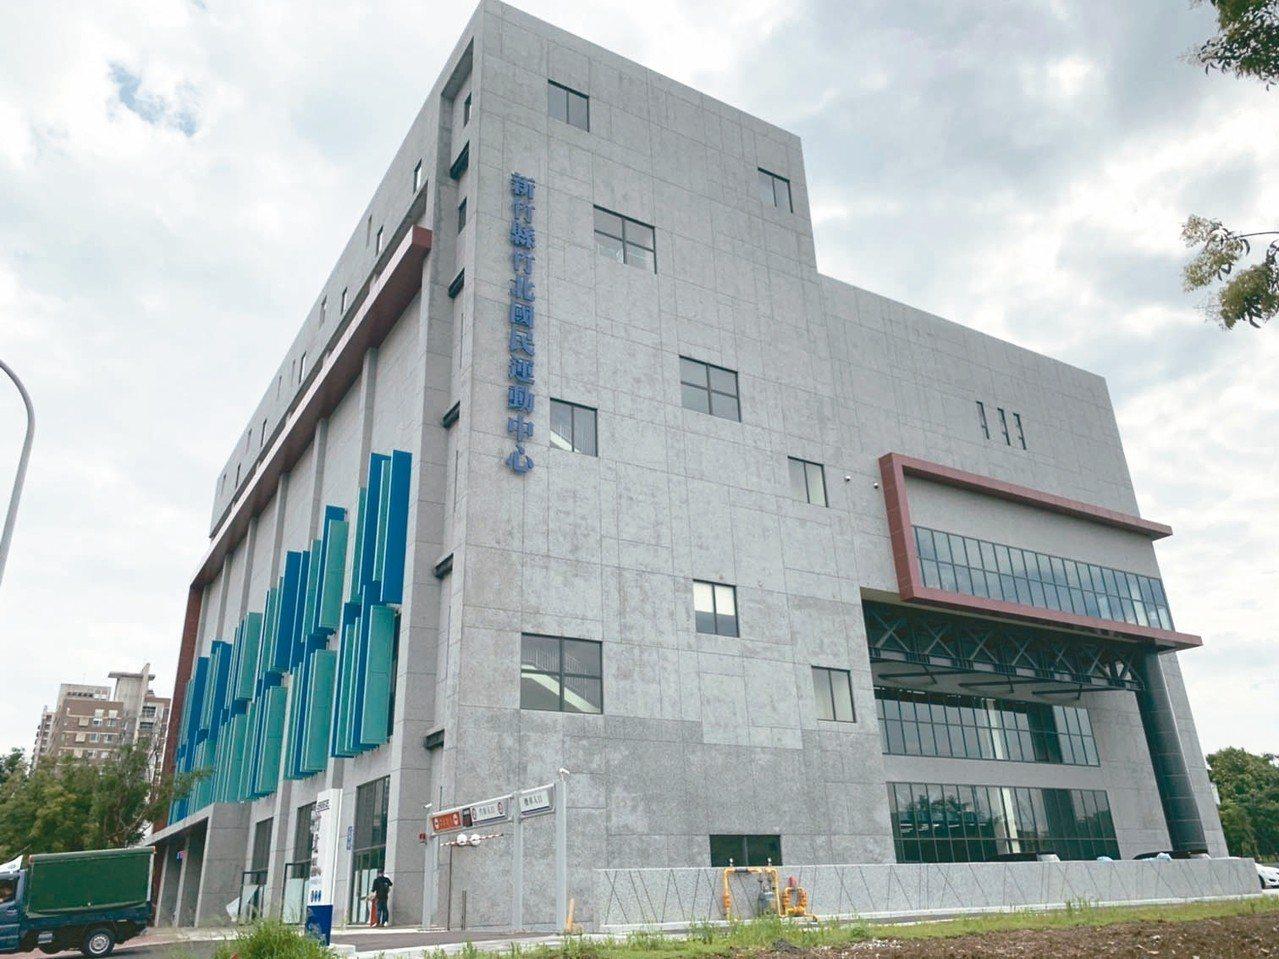 竹北運動中心還未營運,縣議員質疑廠商營運計畫書尚未送審,卻已開始宣傳優惠價格。 ...